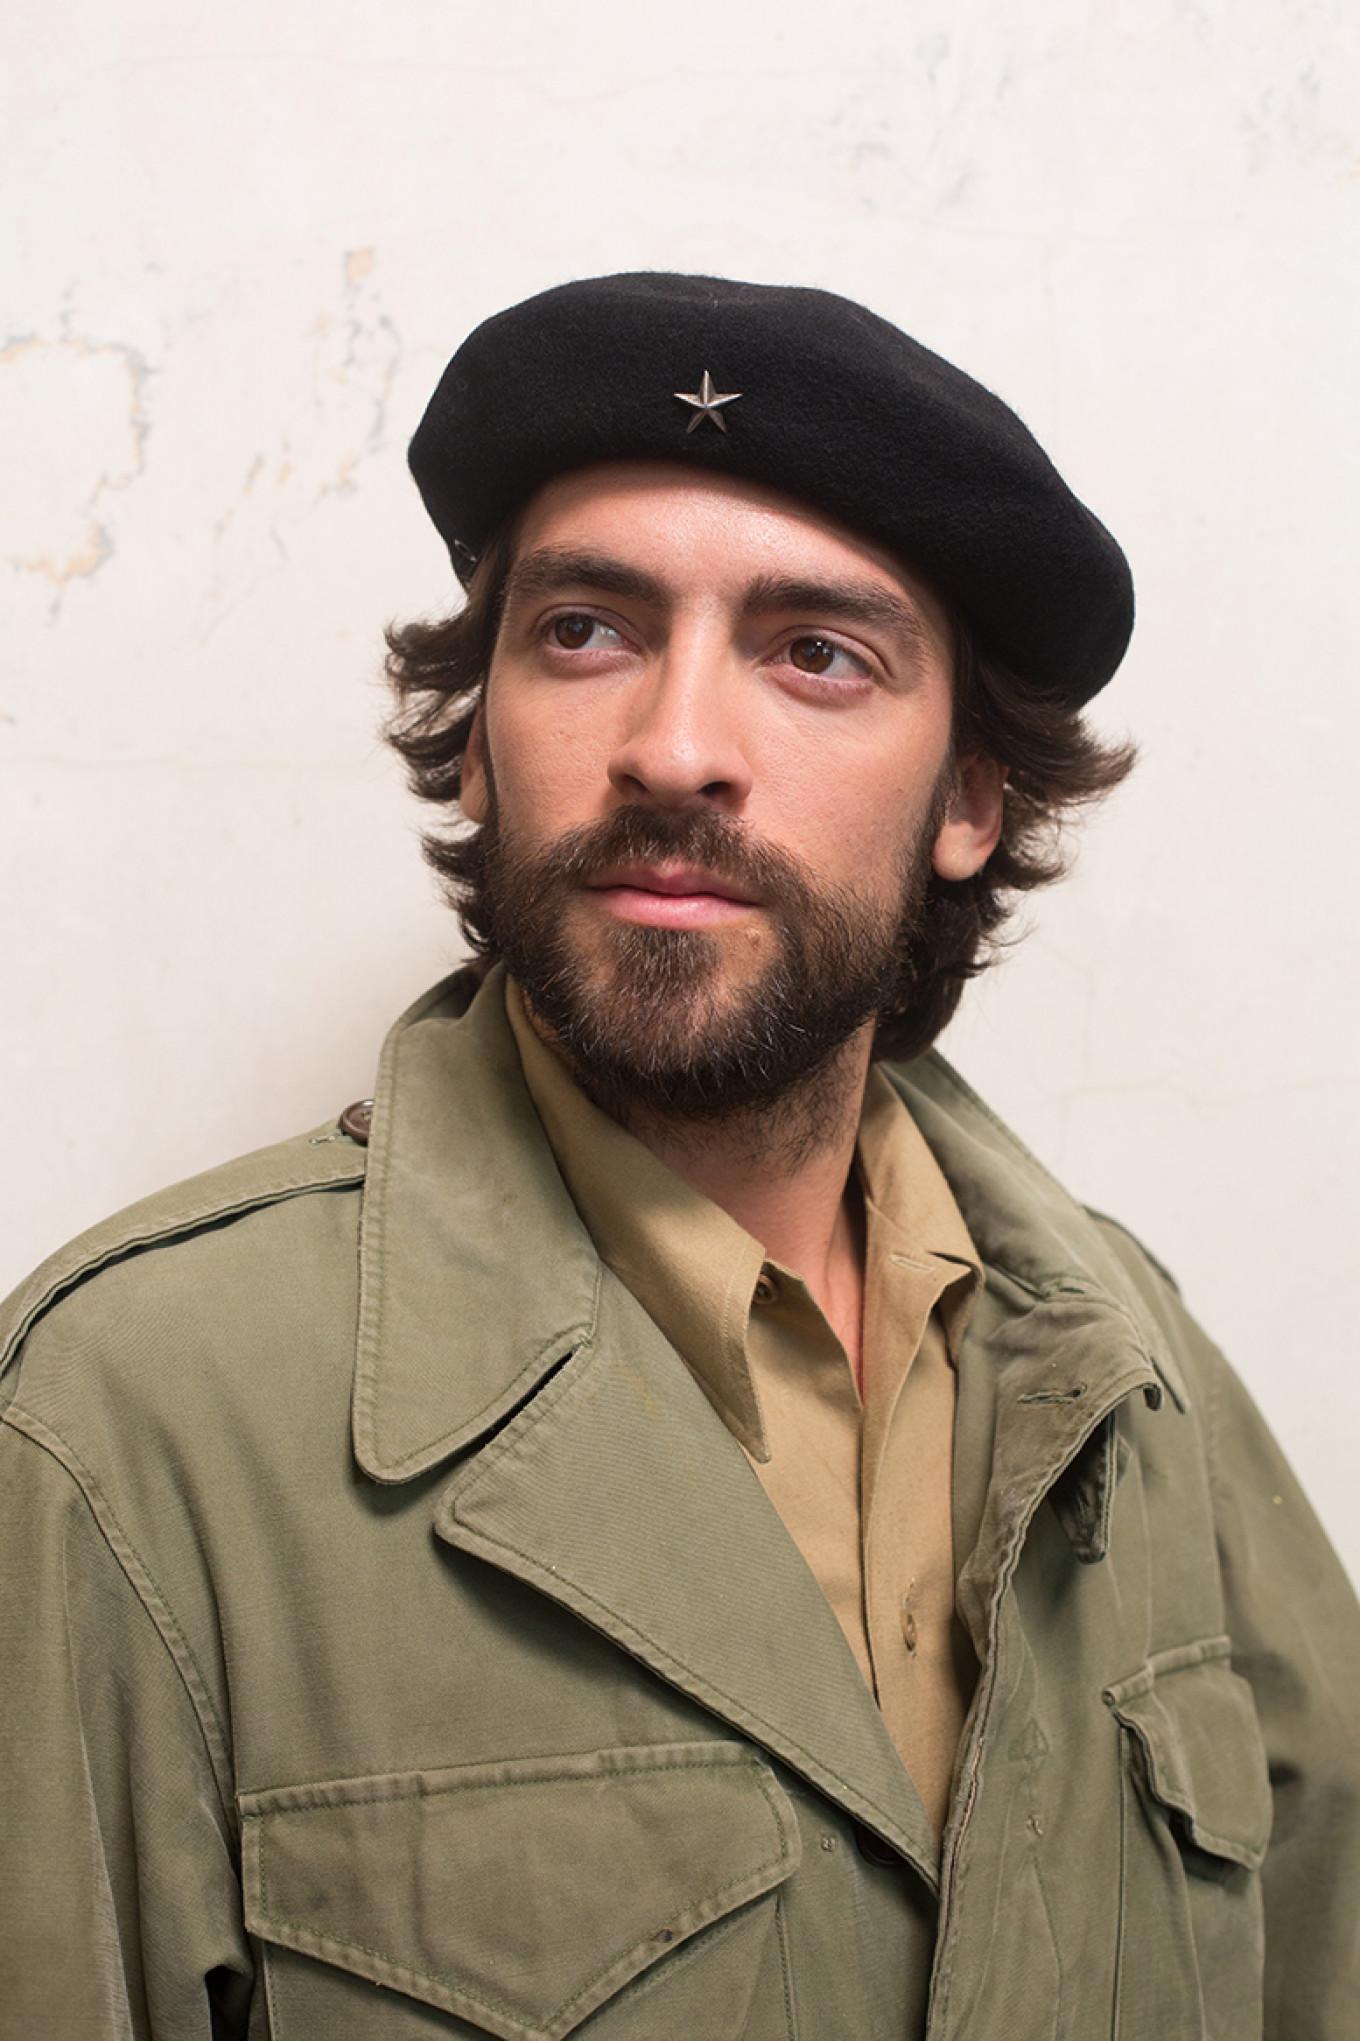 Andreas Muñoz sebagai Che Guevara Rossiya 1